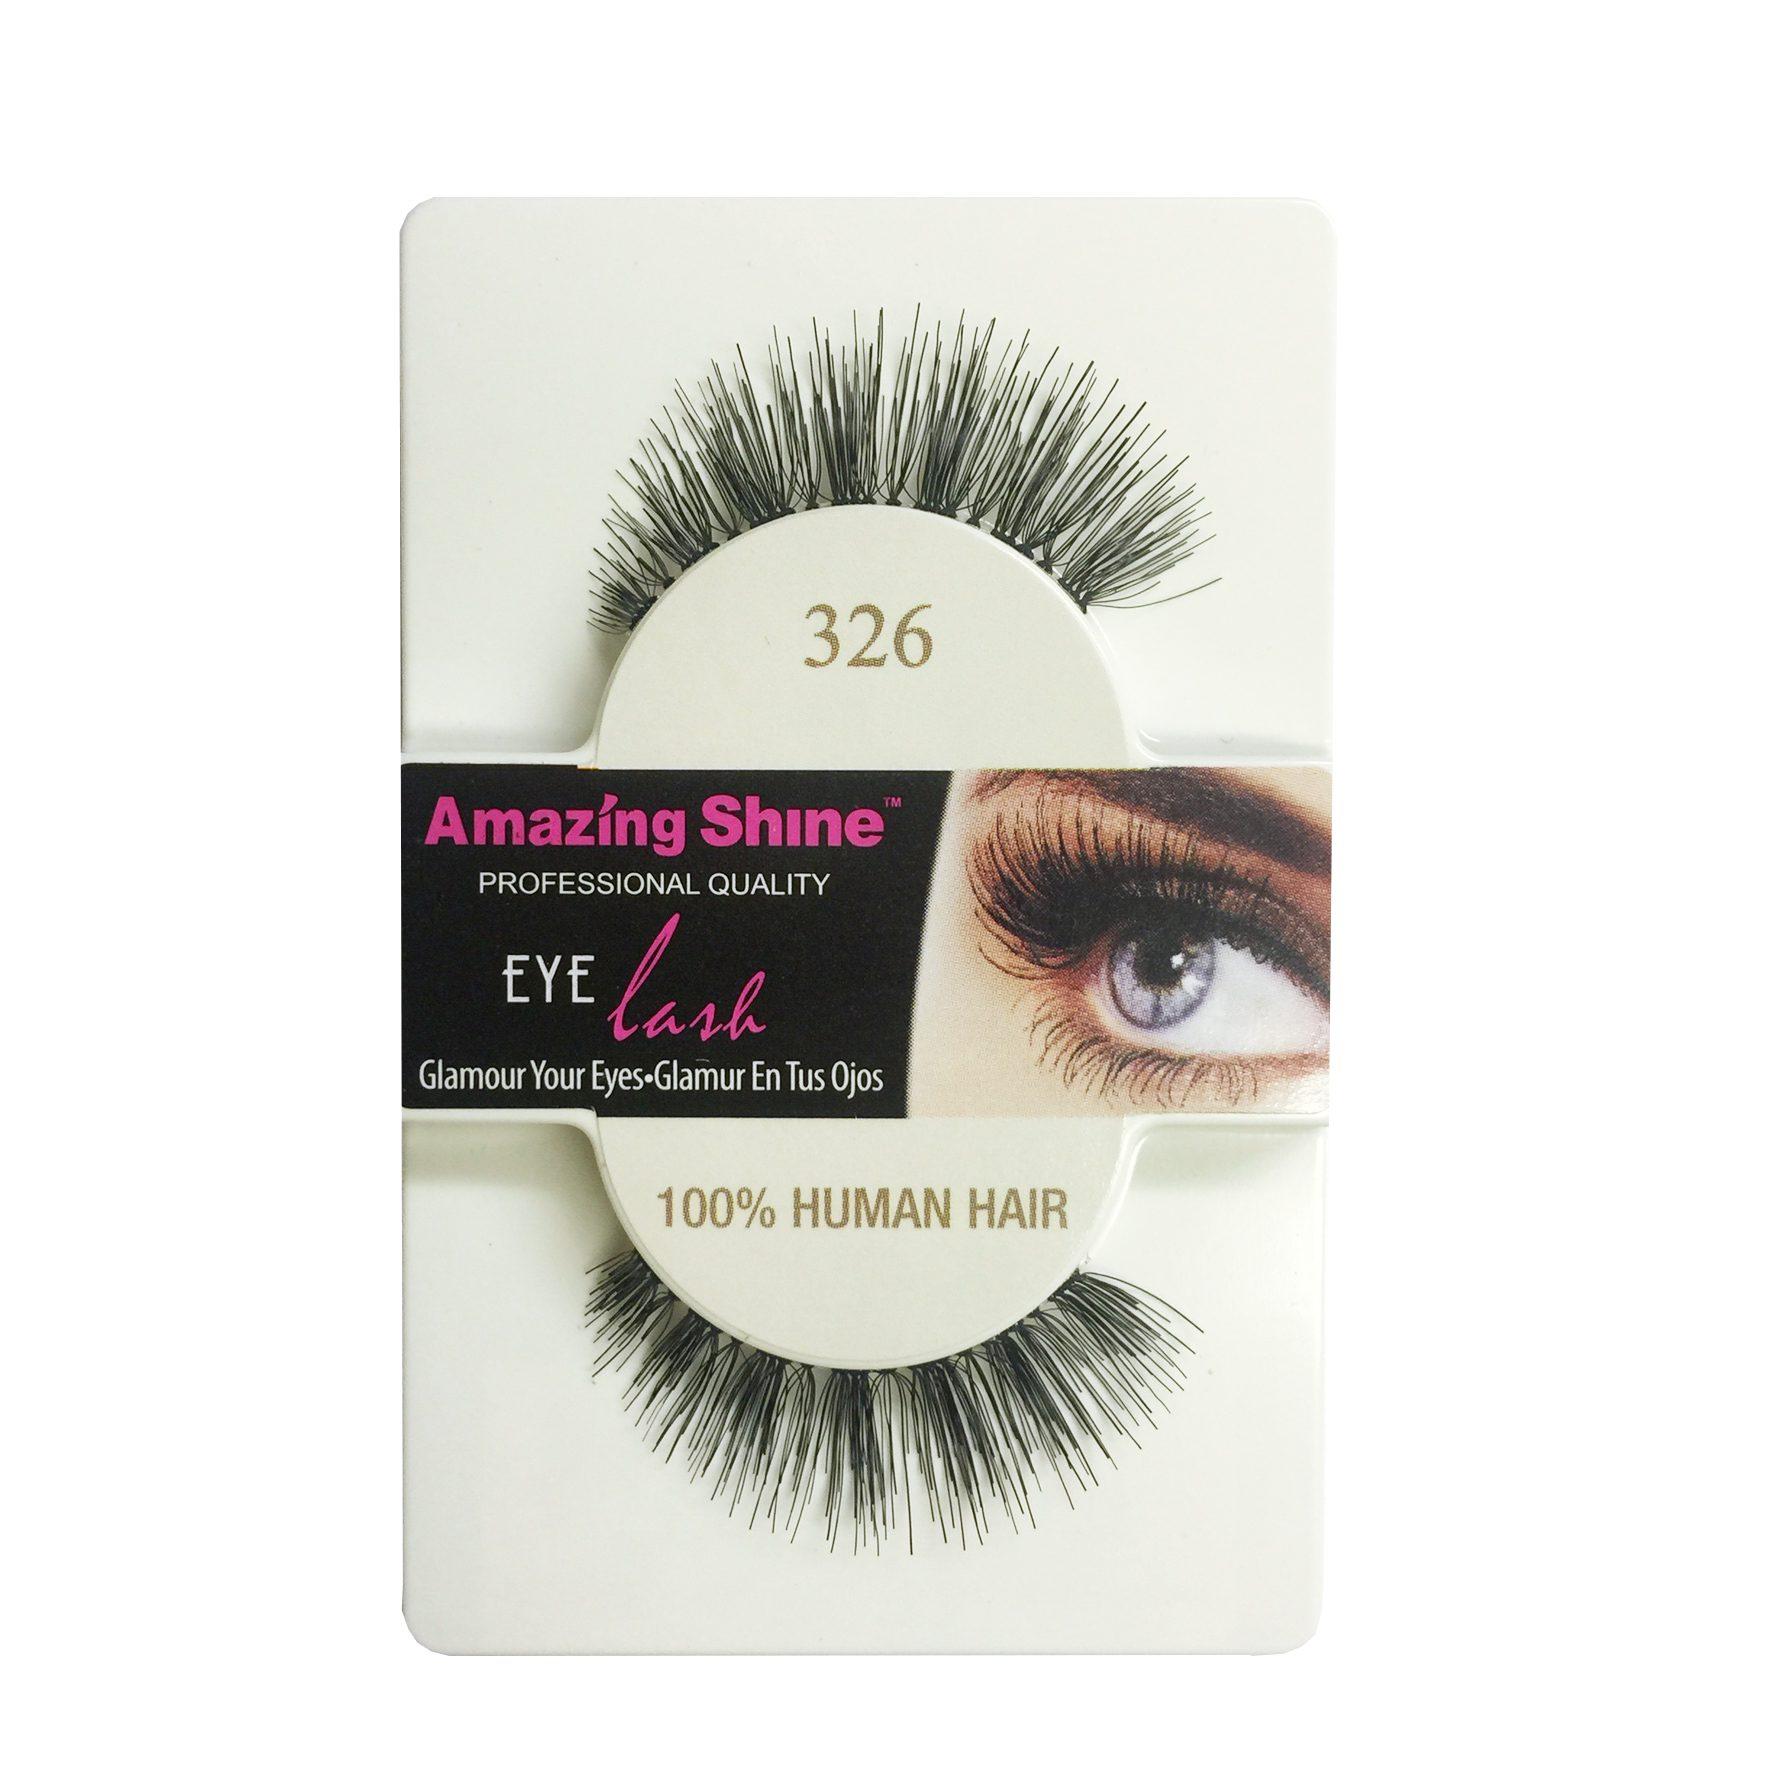 Amazing Shine Eyelashes 326